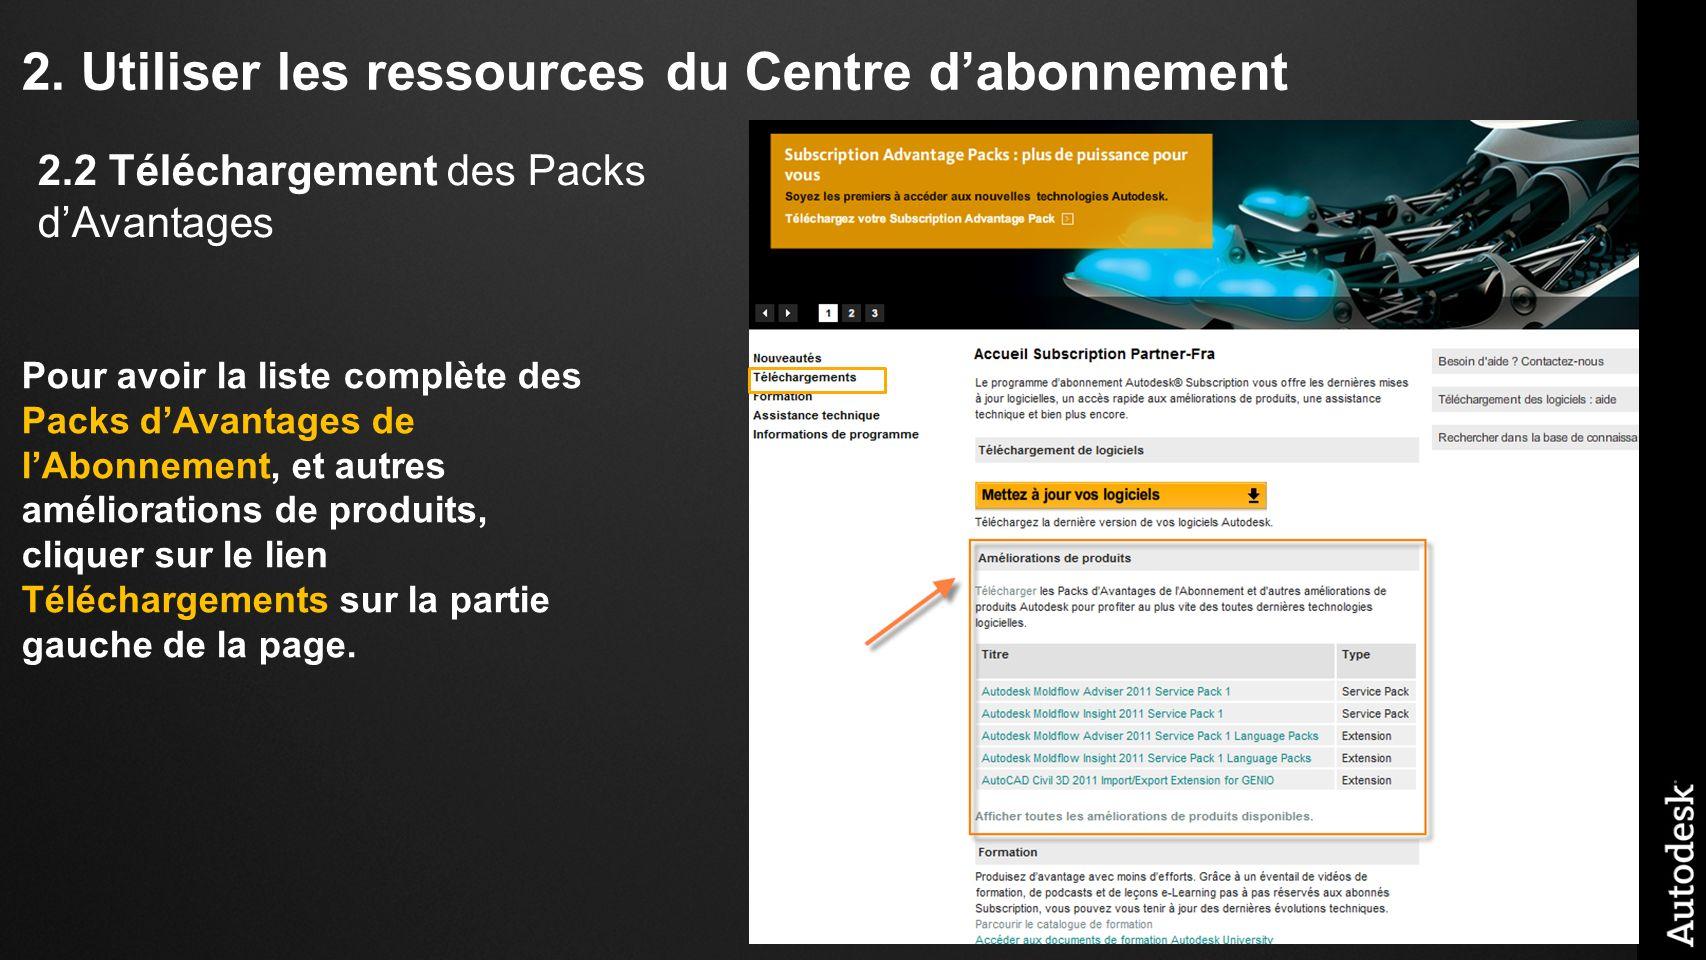 2. Utiliser les ressources du Centre dabonnement Pour avoir la liste complète des Packs dAvantages de lAbonnement, et autres améliorations de produits